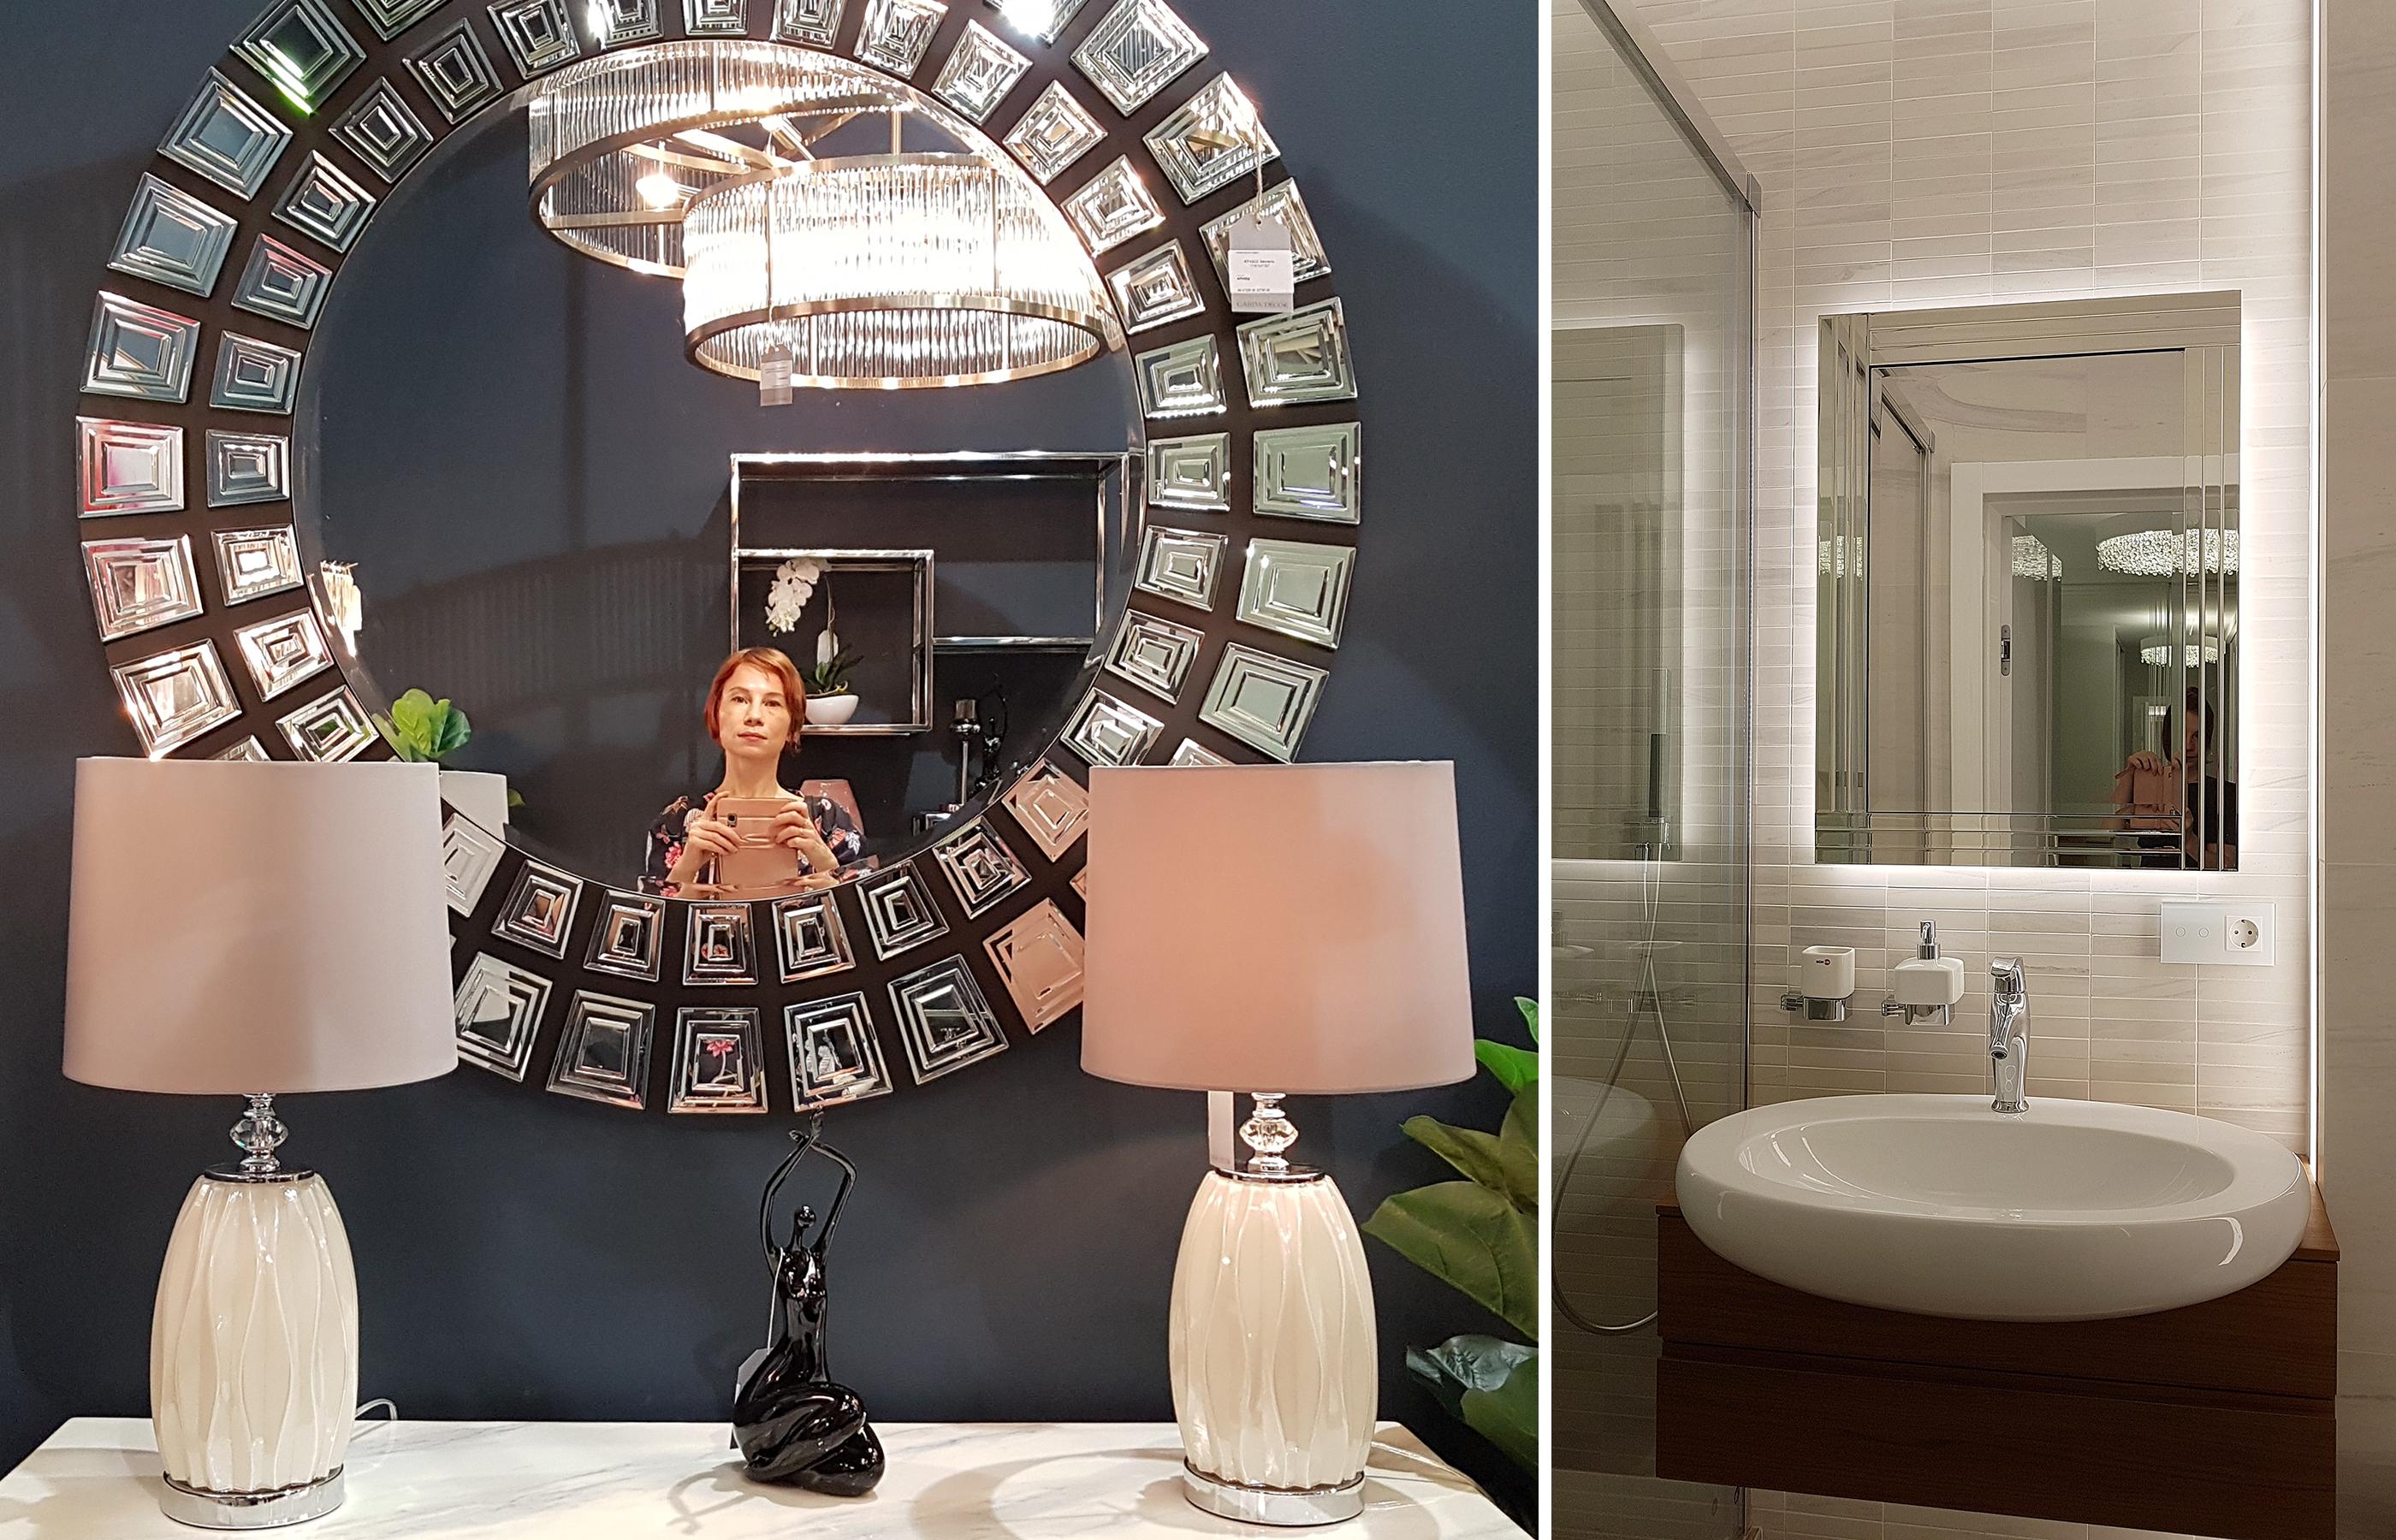 Зеркала, выполненные в венецианской технике, великолепно смотрятся и в современных интерьерах